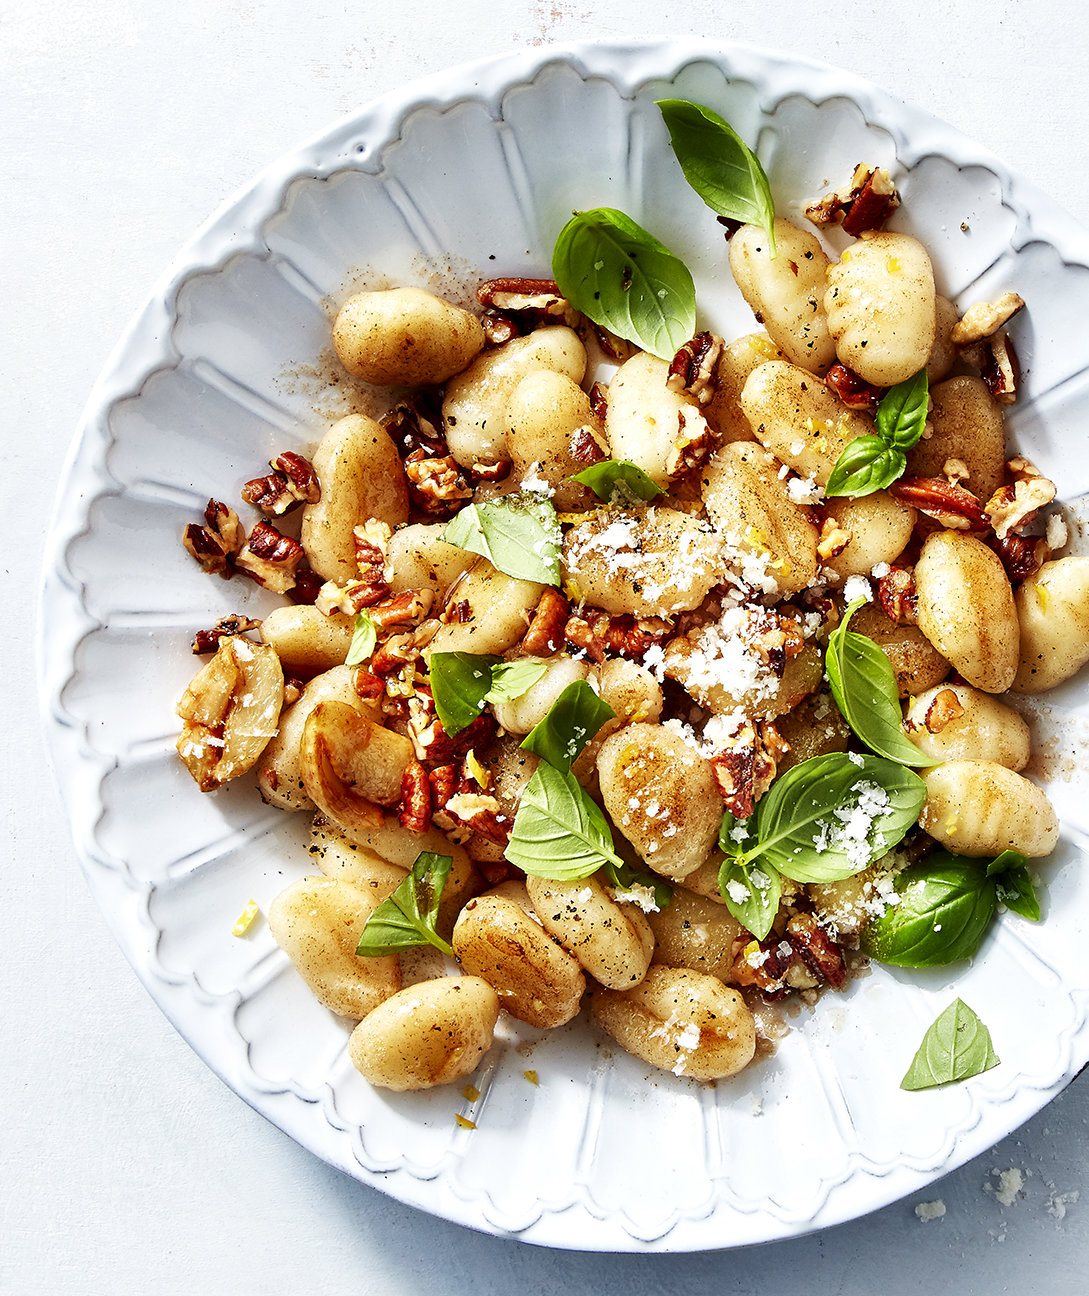 Trader Joe's Gluten-Free Cauliflower Gnocchi Is Taking Over Instagram